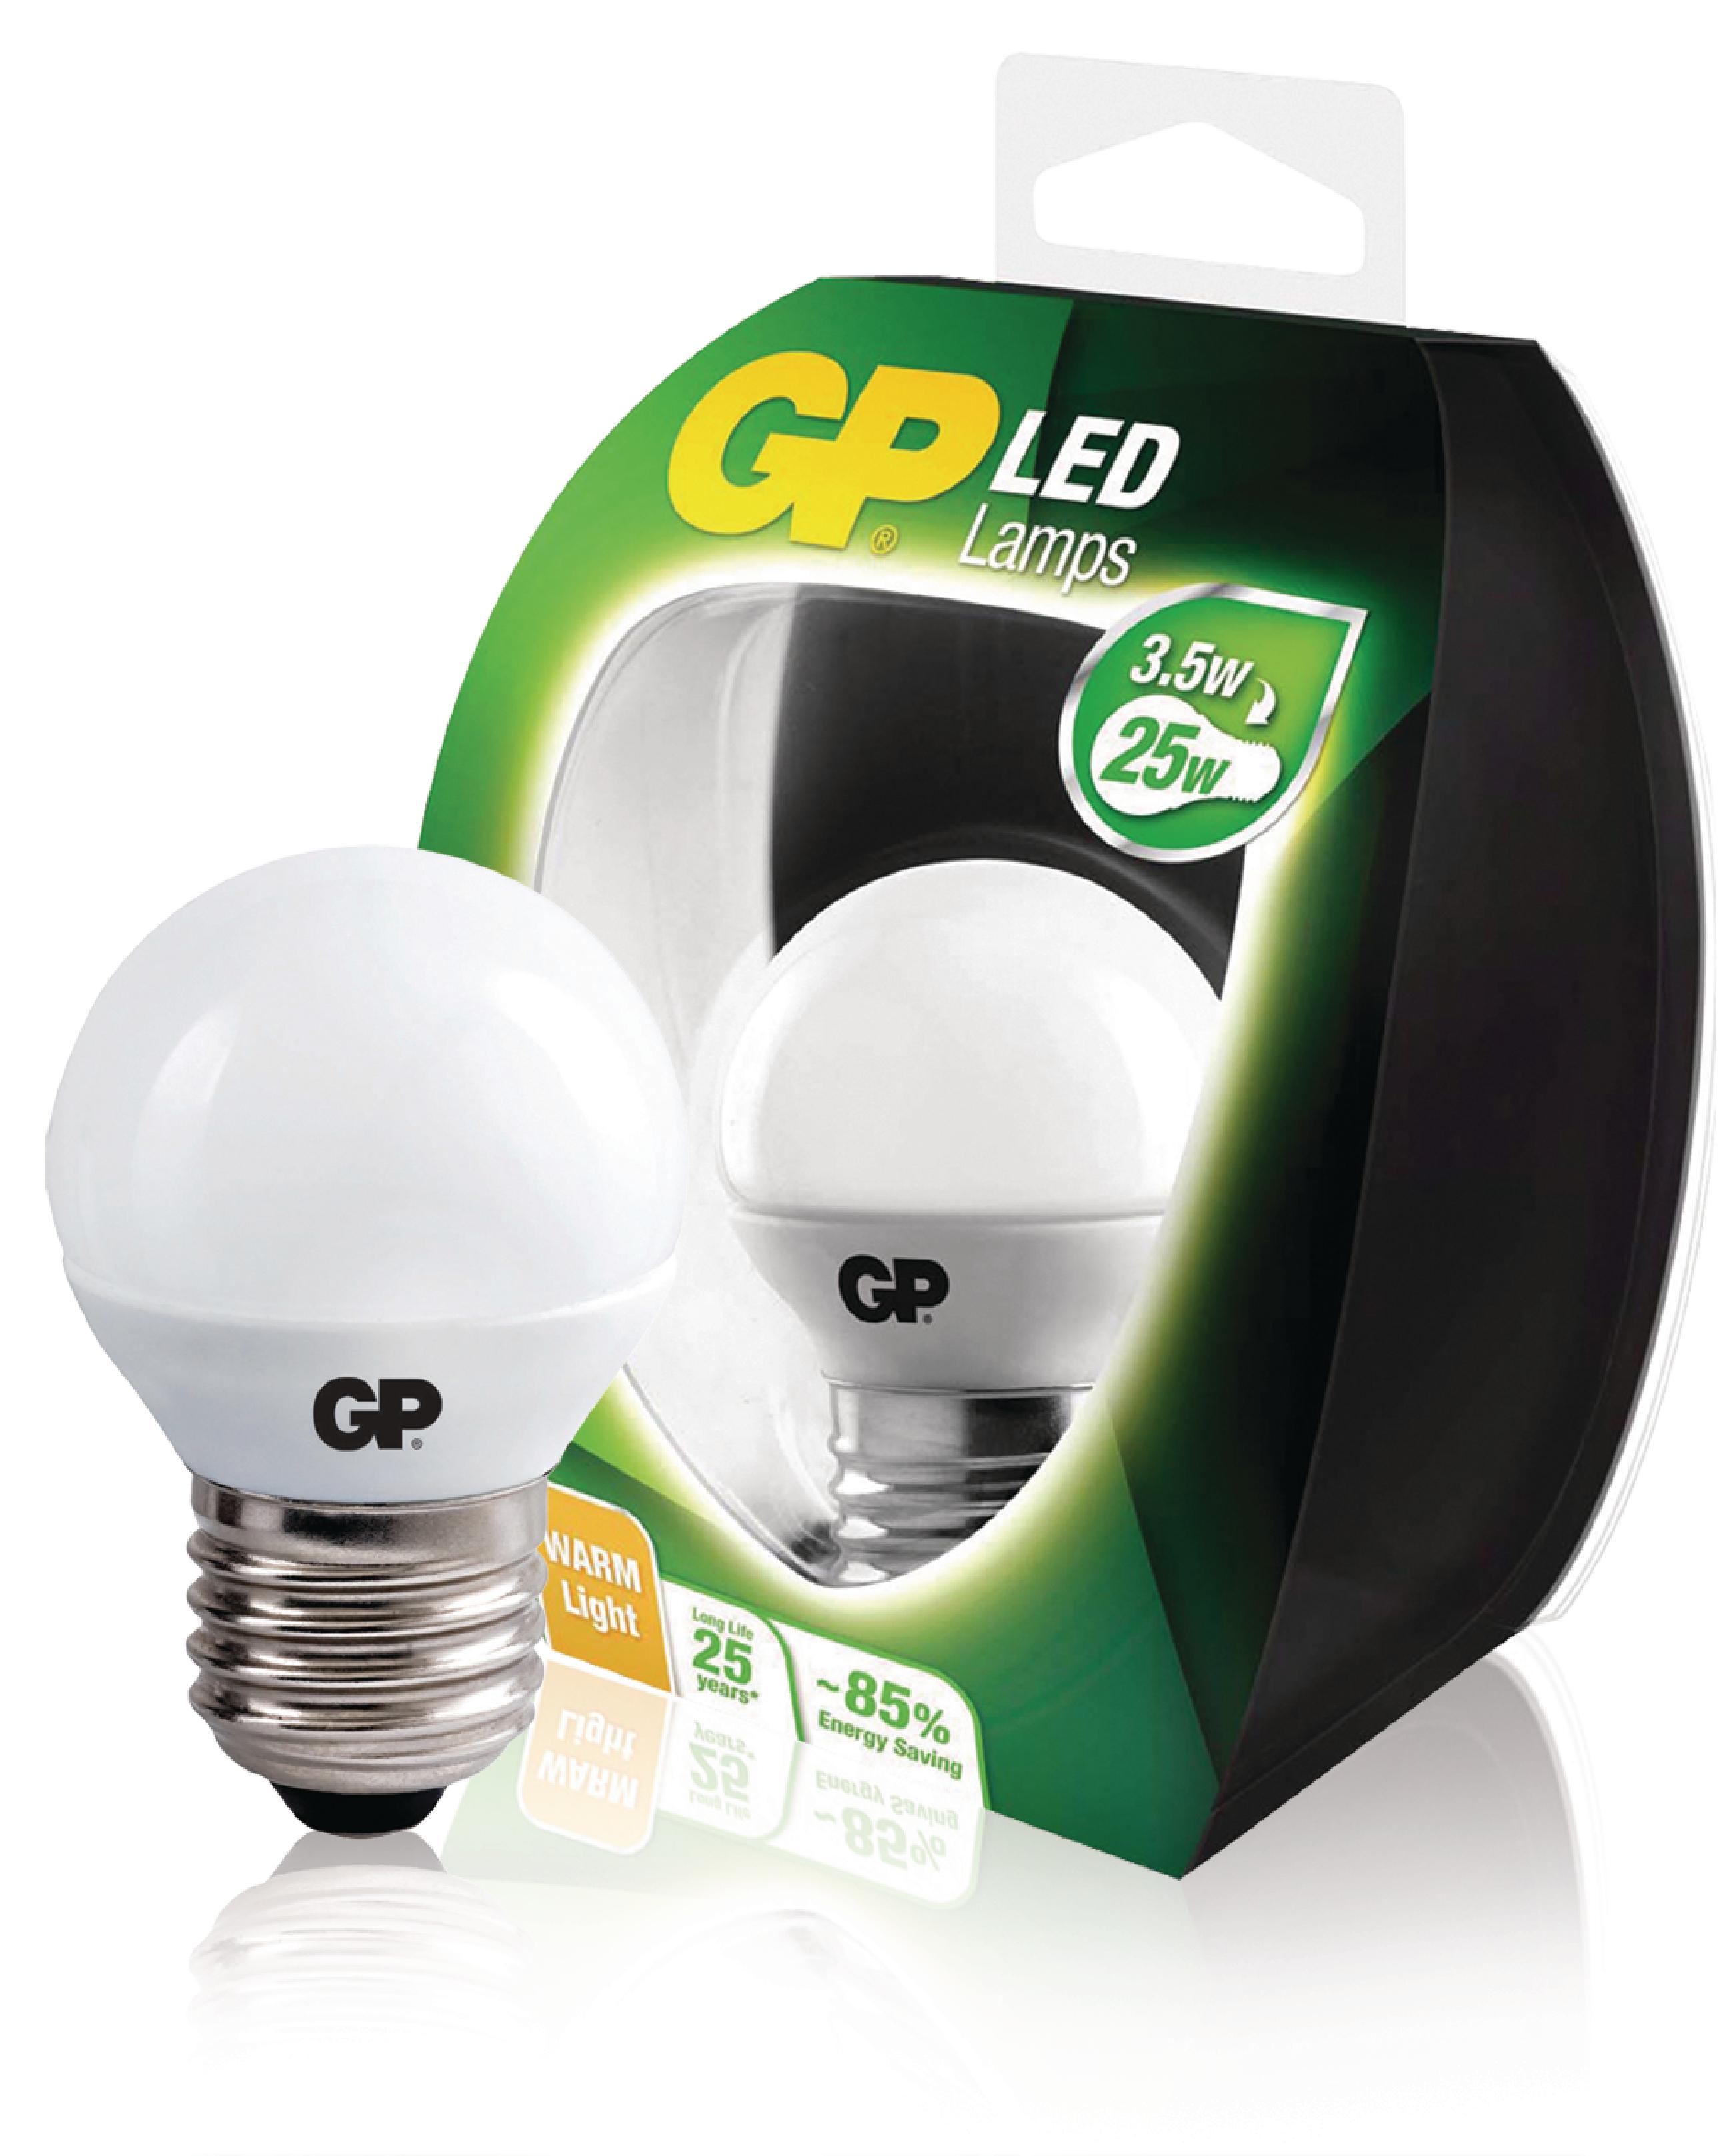 W Mini Gp 5 Electronic Globe E27 Ld Lamp Led 071303 3 3RL4jA5q